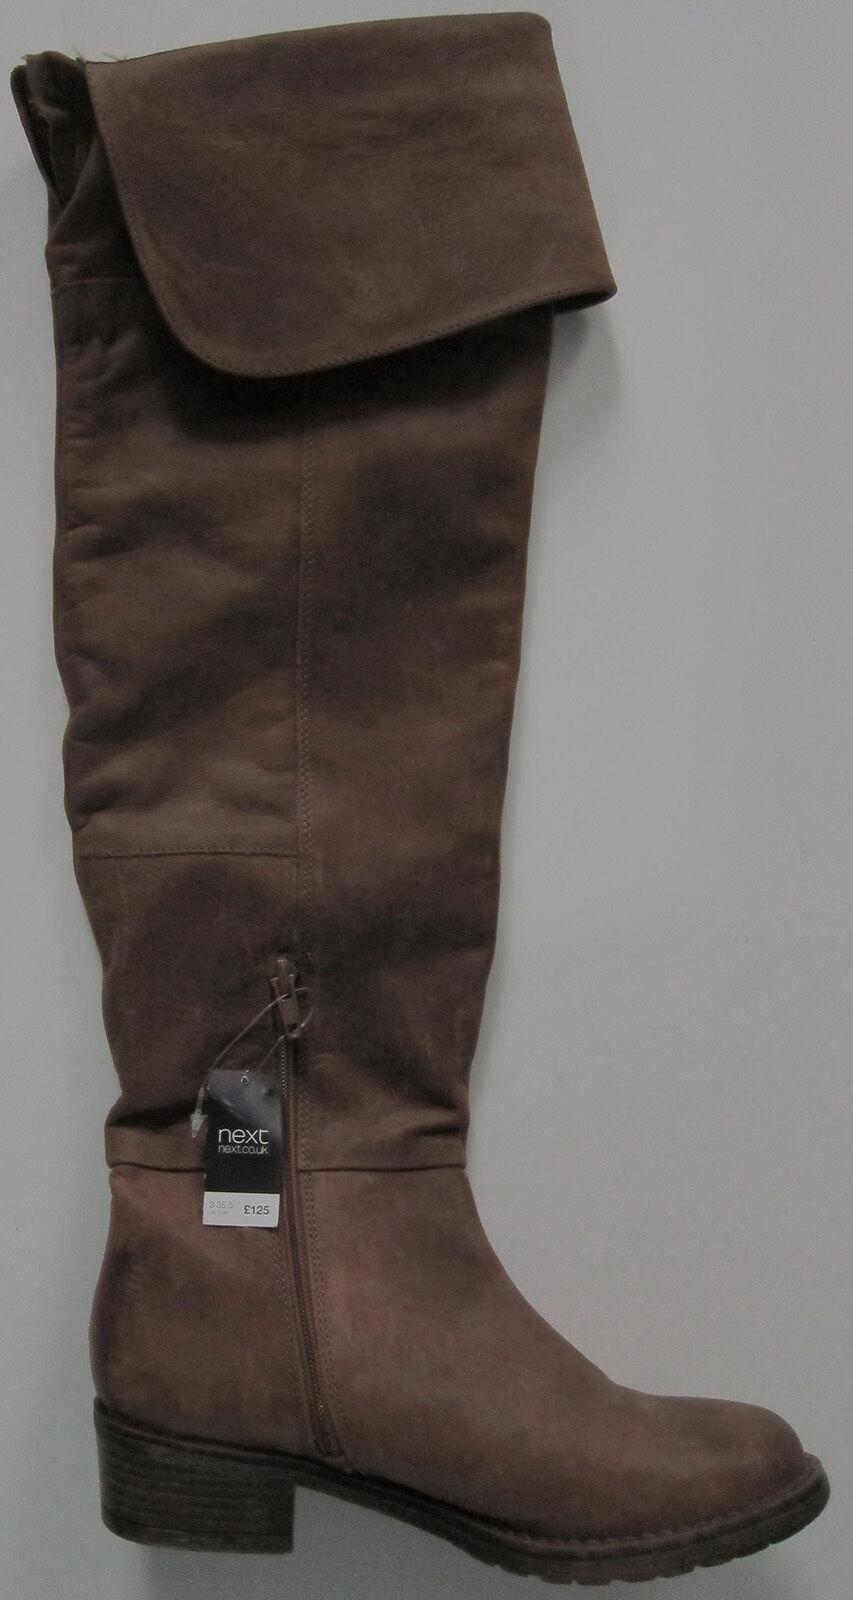 New Damenschuhe Braun Leder NEXT Stiefel Größe 3